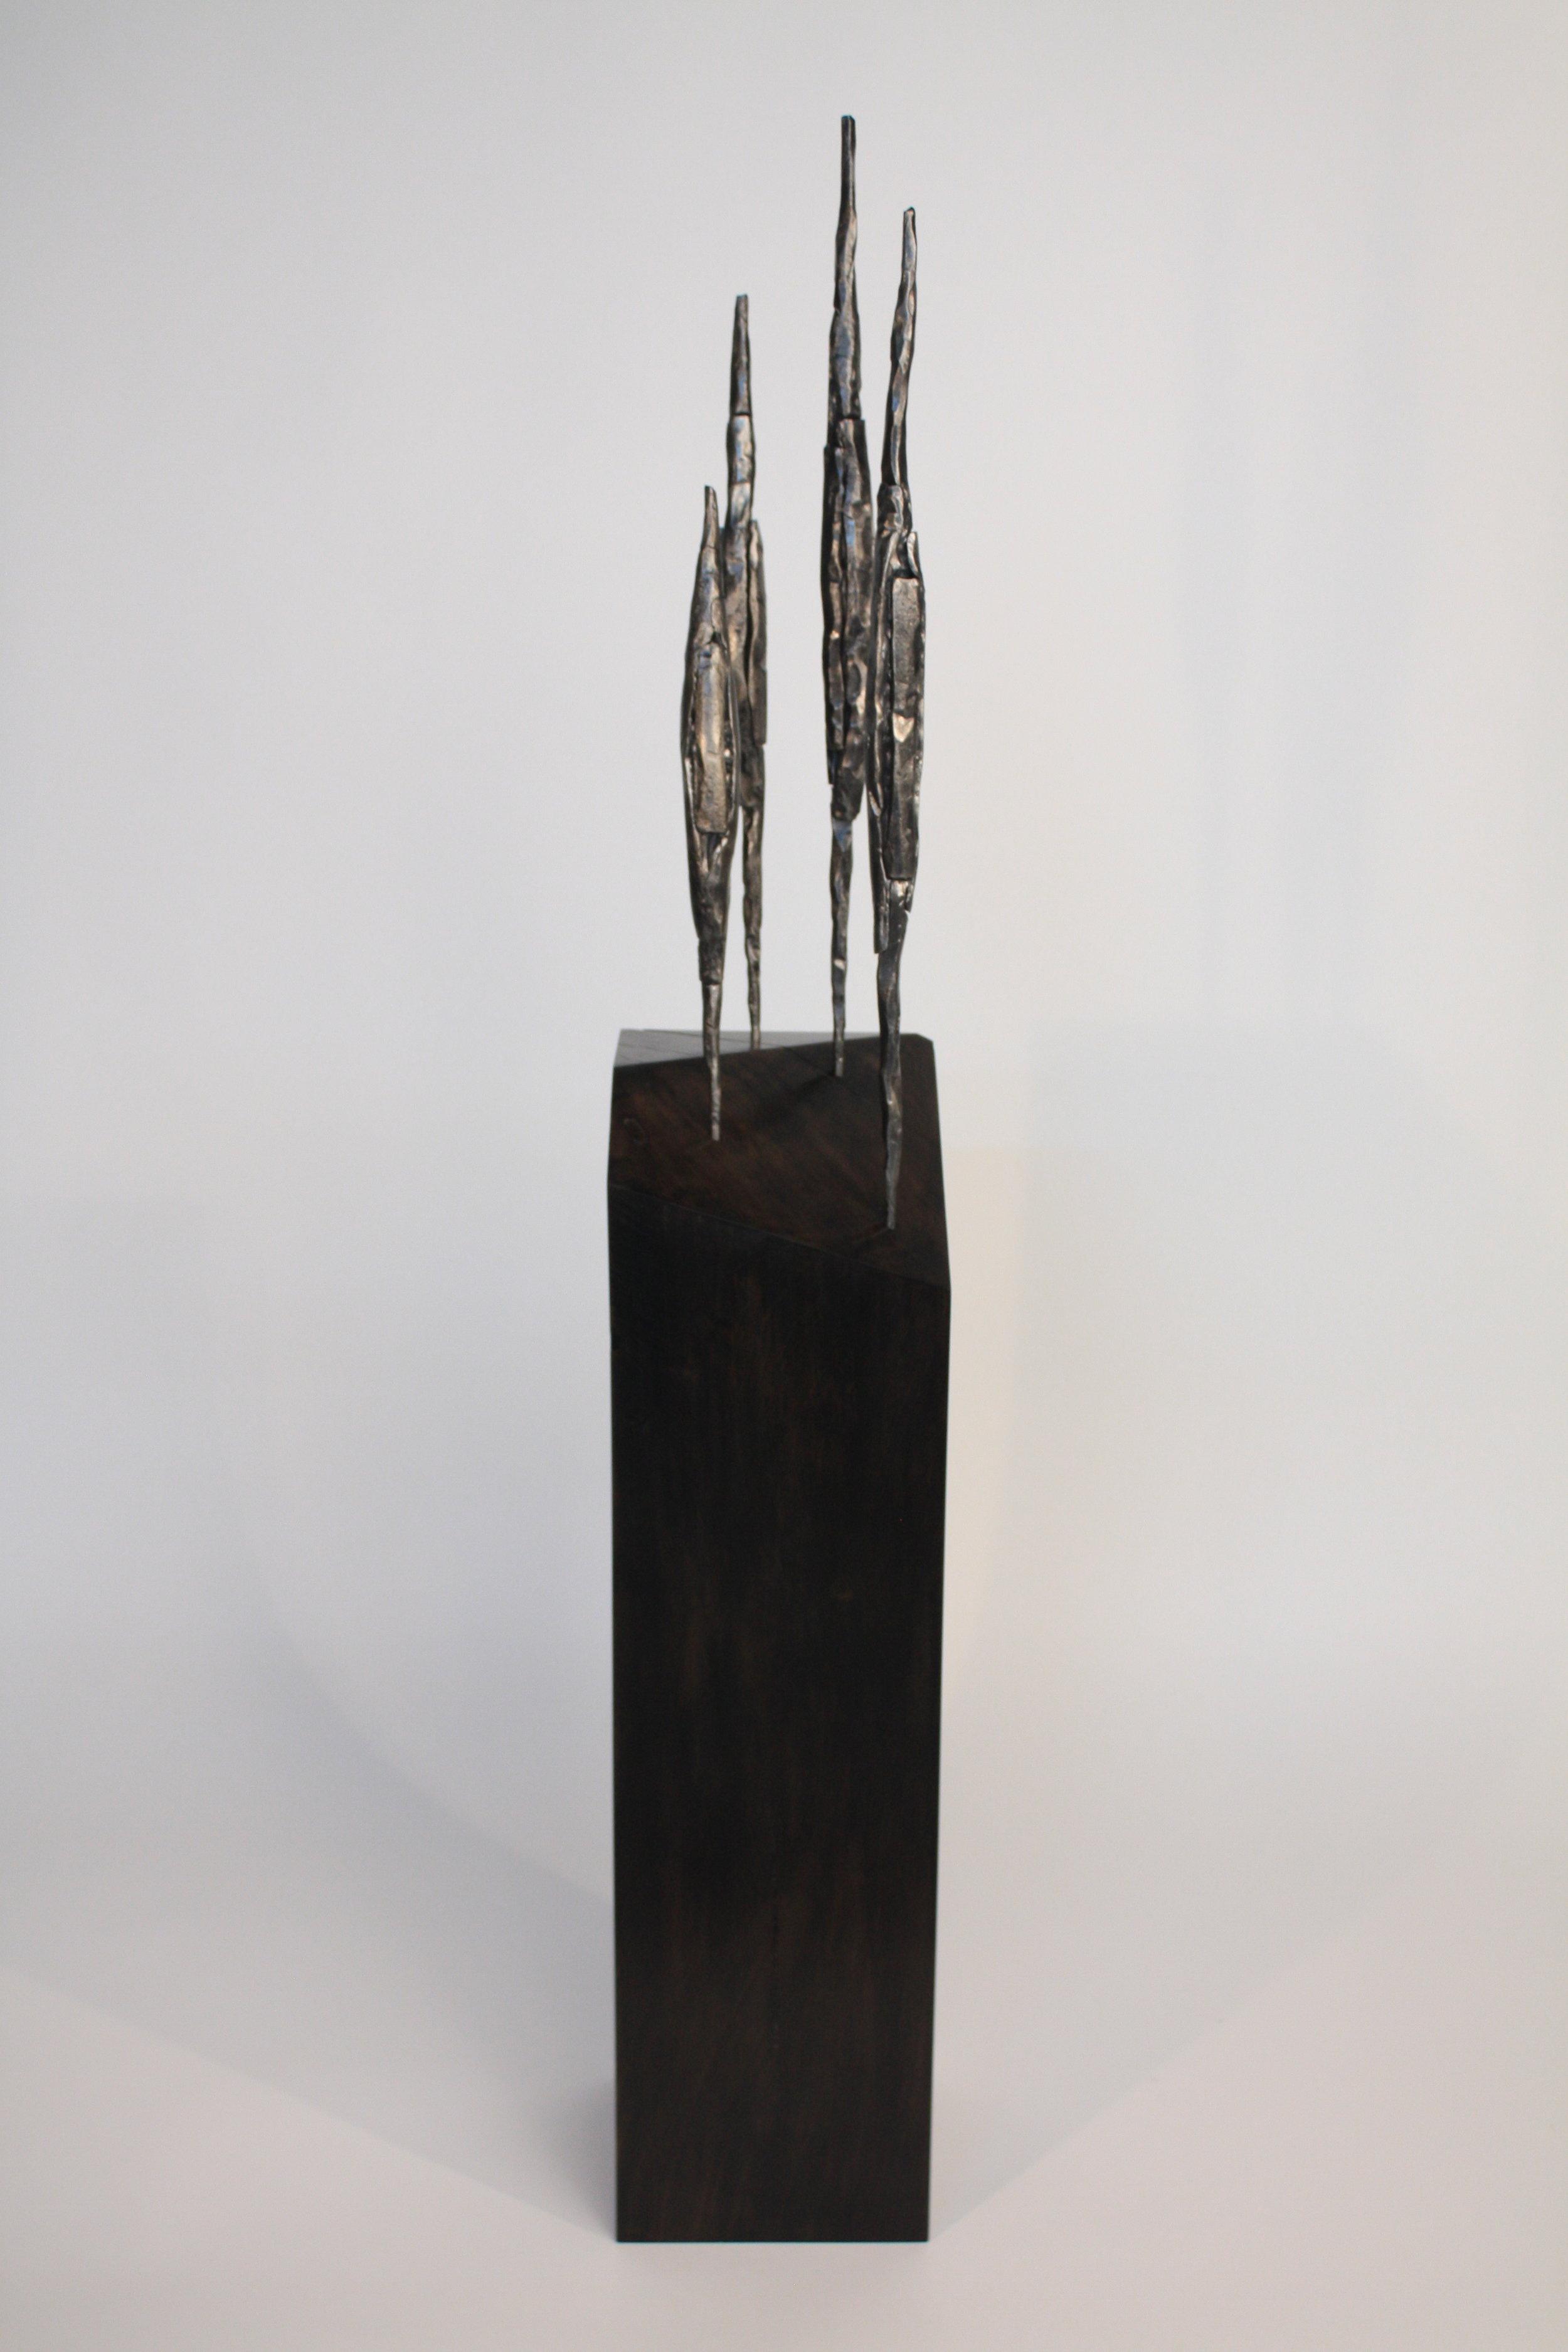 Moonlight on a Dark Sea - 2016forged steel, ebonised wood126 x 19 x 20 cmSOLD